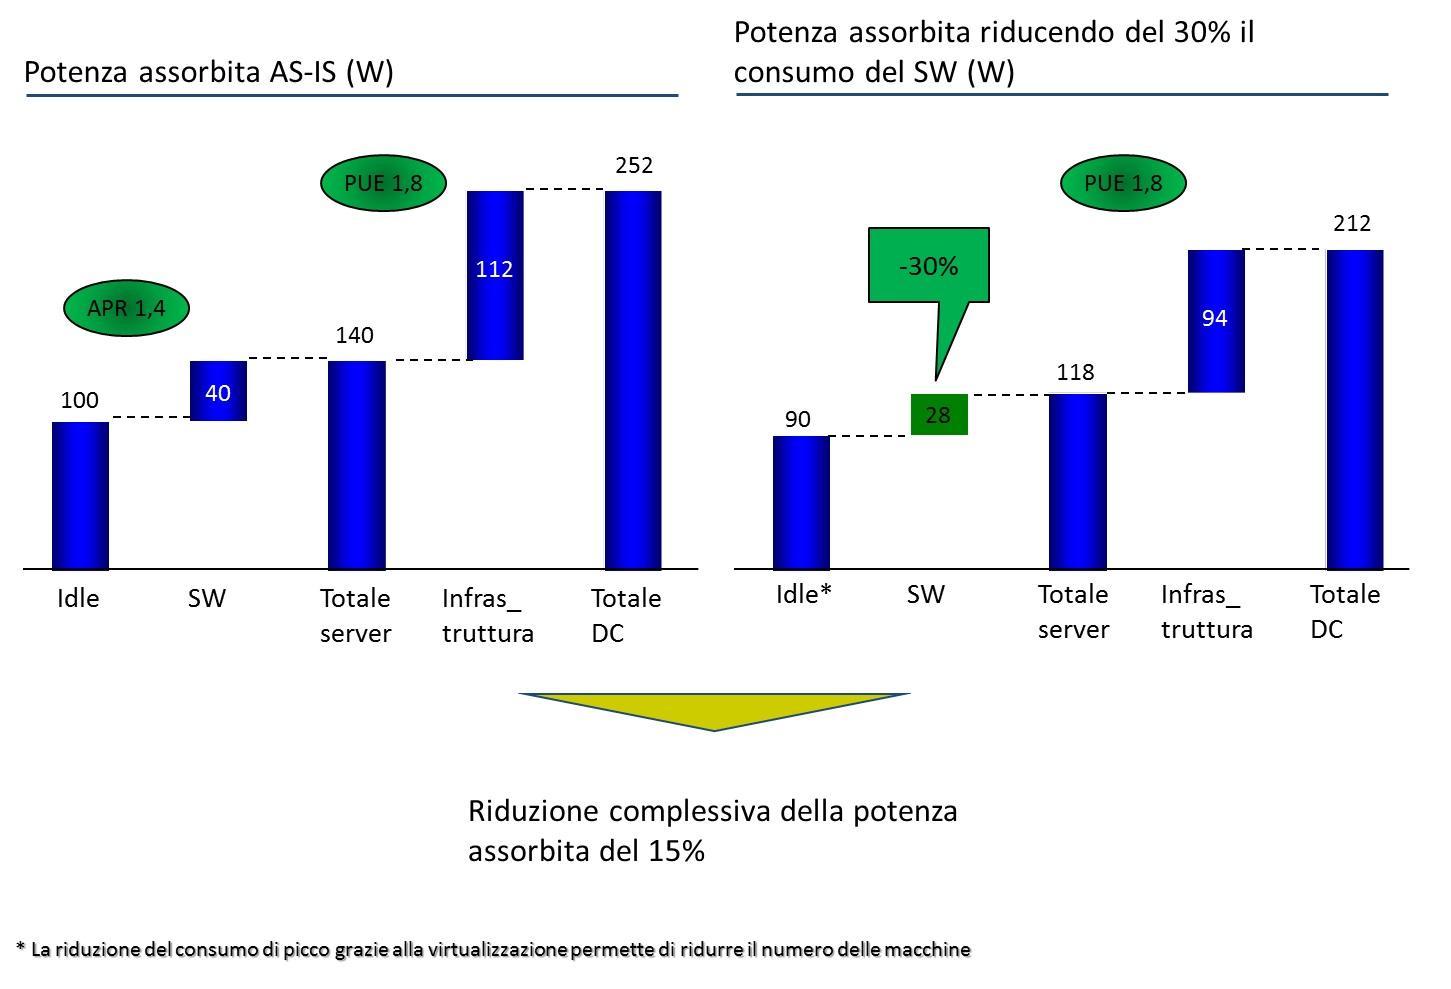 Figura 1 - Impatto del consumo di energia del software sul consumo totale